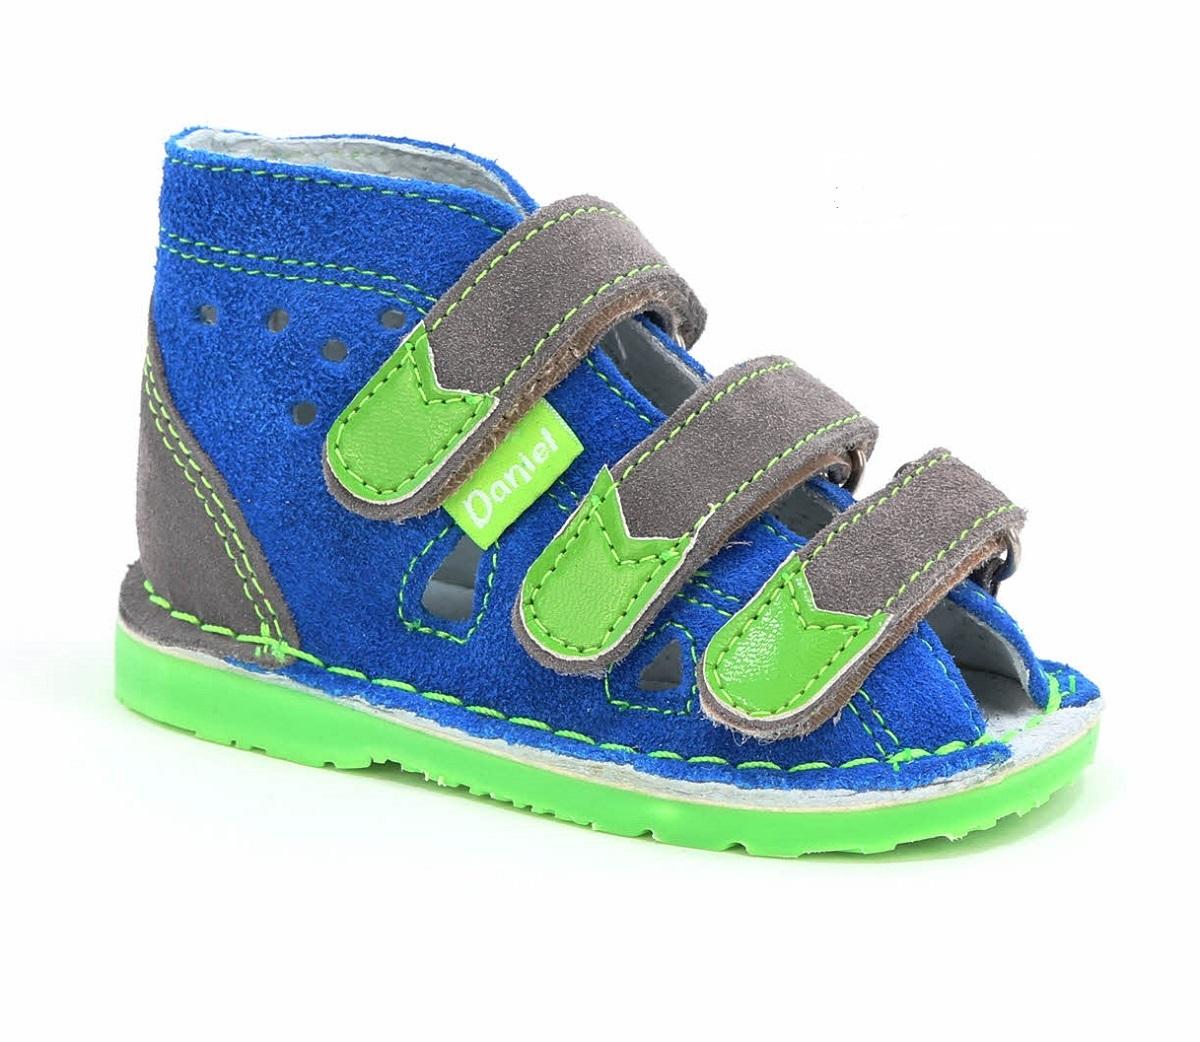 Buty Profilaktyczne Daniel 140 150 Niebiesko Szare